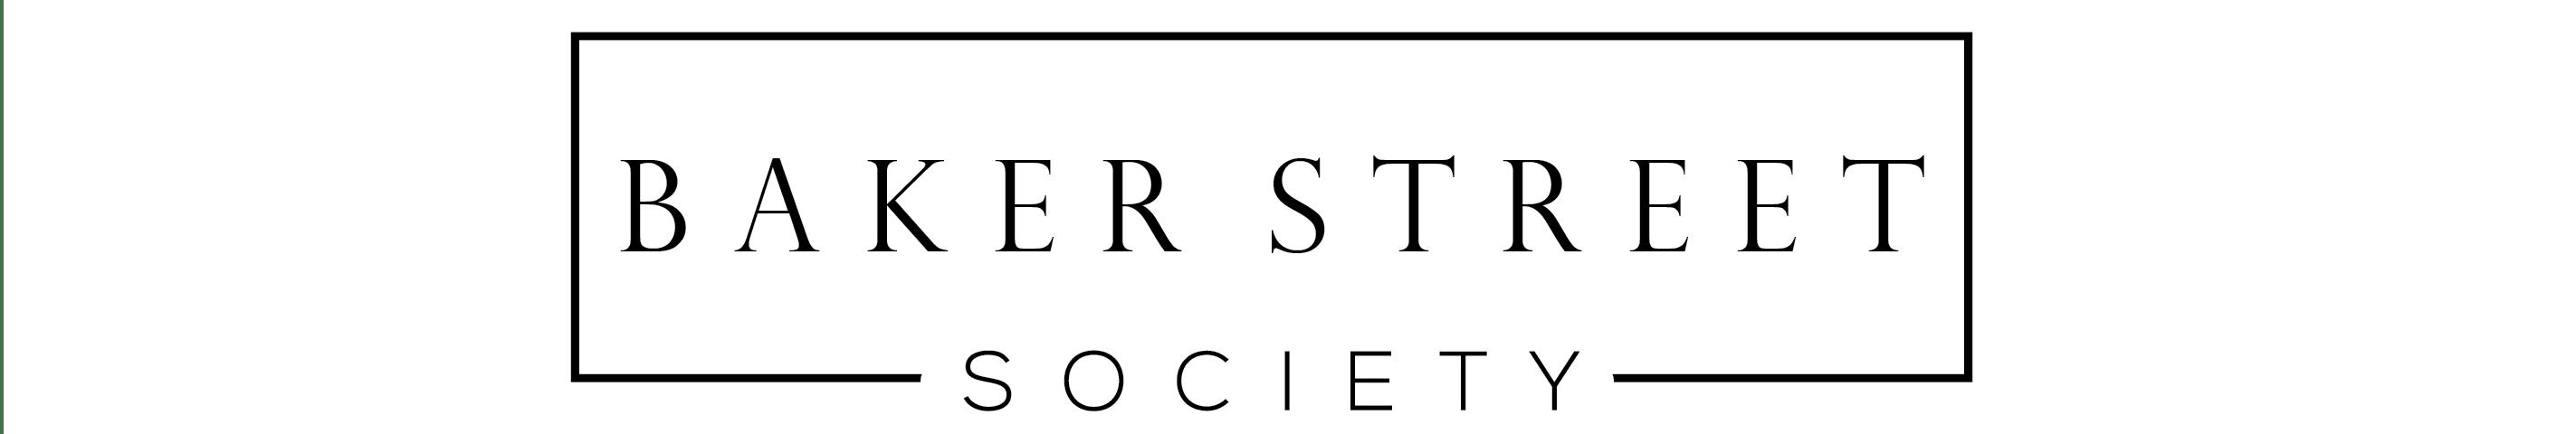 BakerStreetSociety